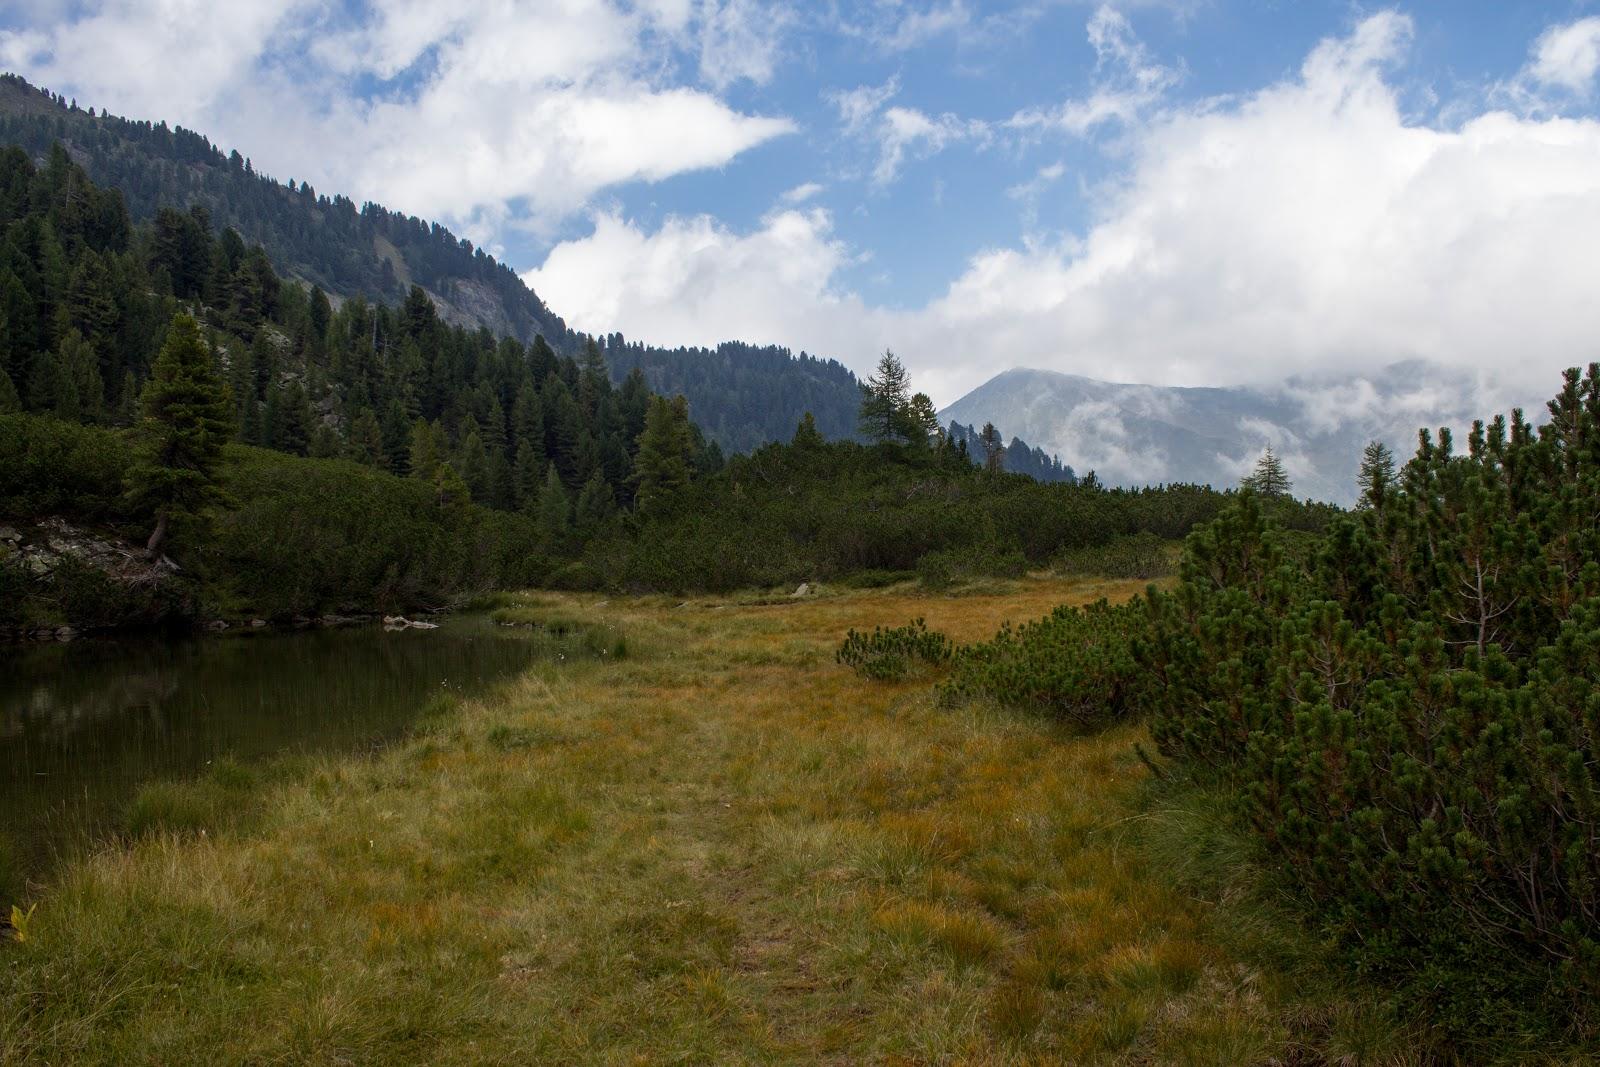 Wanderung von der Sölkpaß-Straße zum Schöderer Eisenhut über die Zwieflerseen